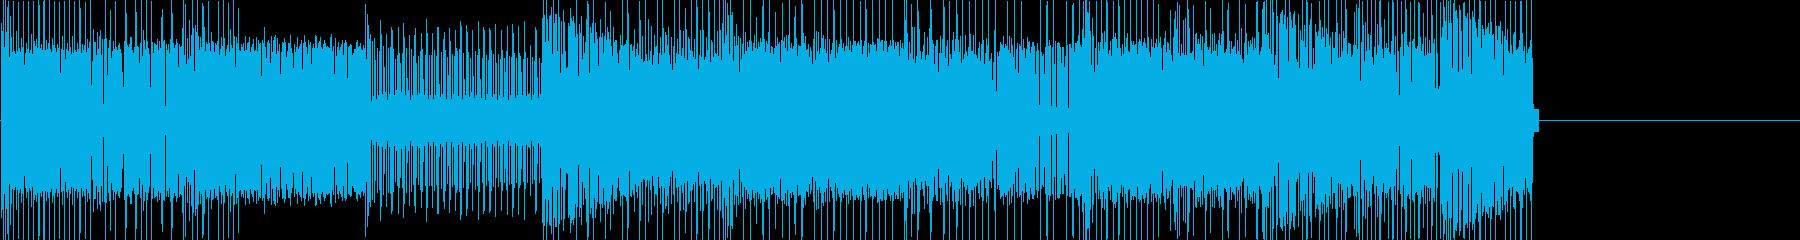 レトロゲームなチップチューンジングル24の再生済みの波形